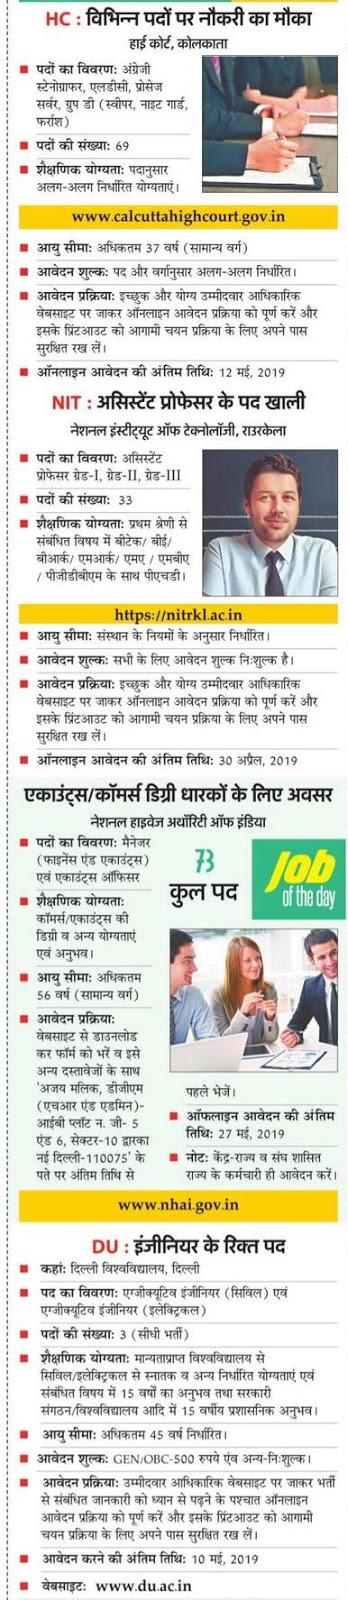 Today Job Alert: जानिए आज किन सरकारी और गैर सरकारी विभागों में निकलीं नौकरियां